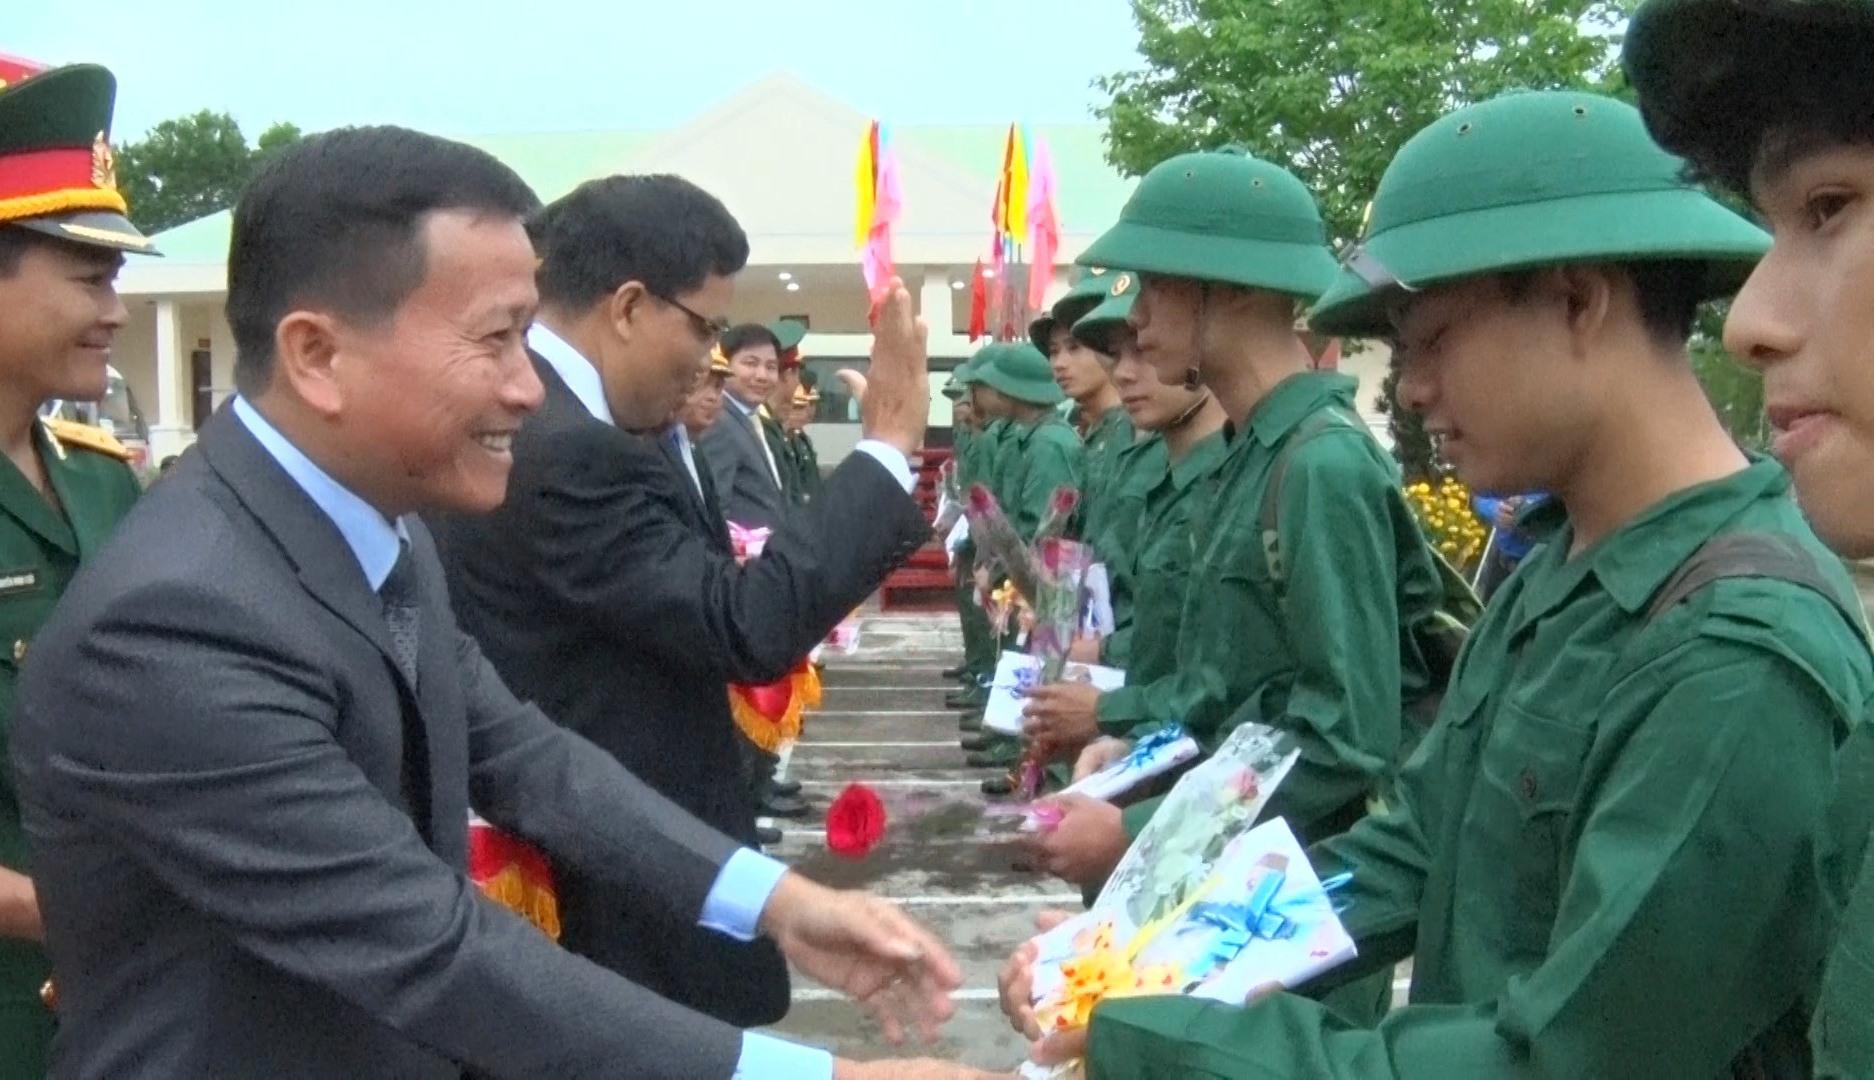 Đồng chí Thái Bình -Bí thư huyện ủy Nông Sơn tăng hoa và động viên thanh niên lên đường. Ảnh M.T